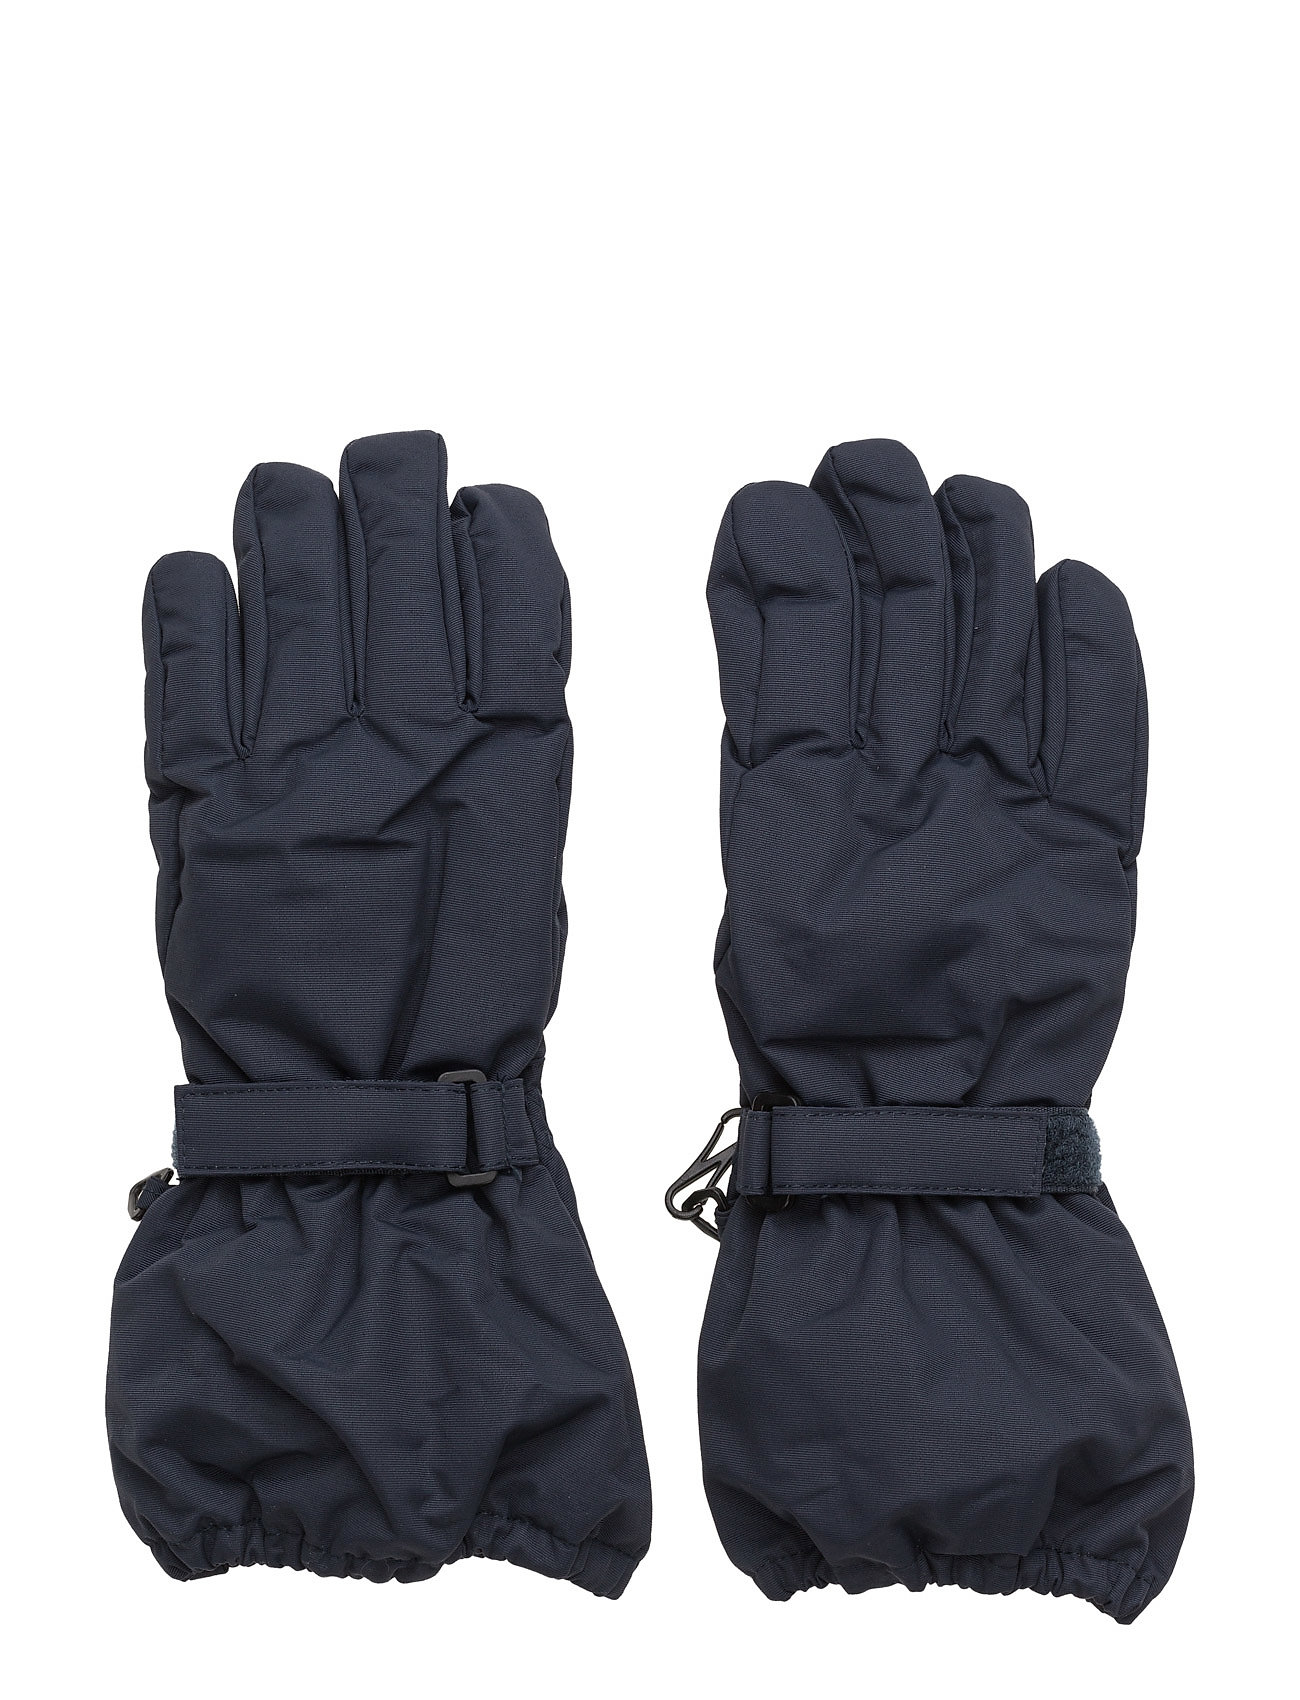 Gloves Technical Wheat Accessories til Børn i Mørk lavendel